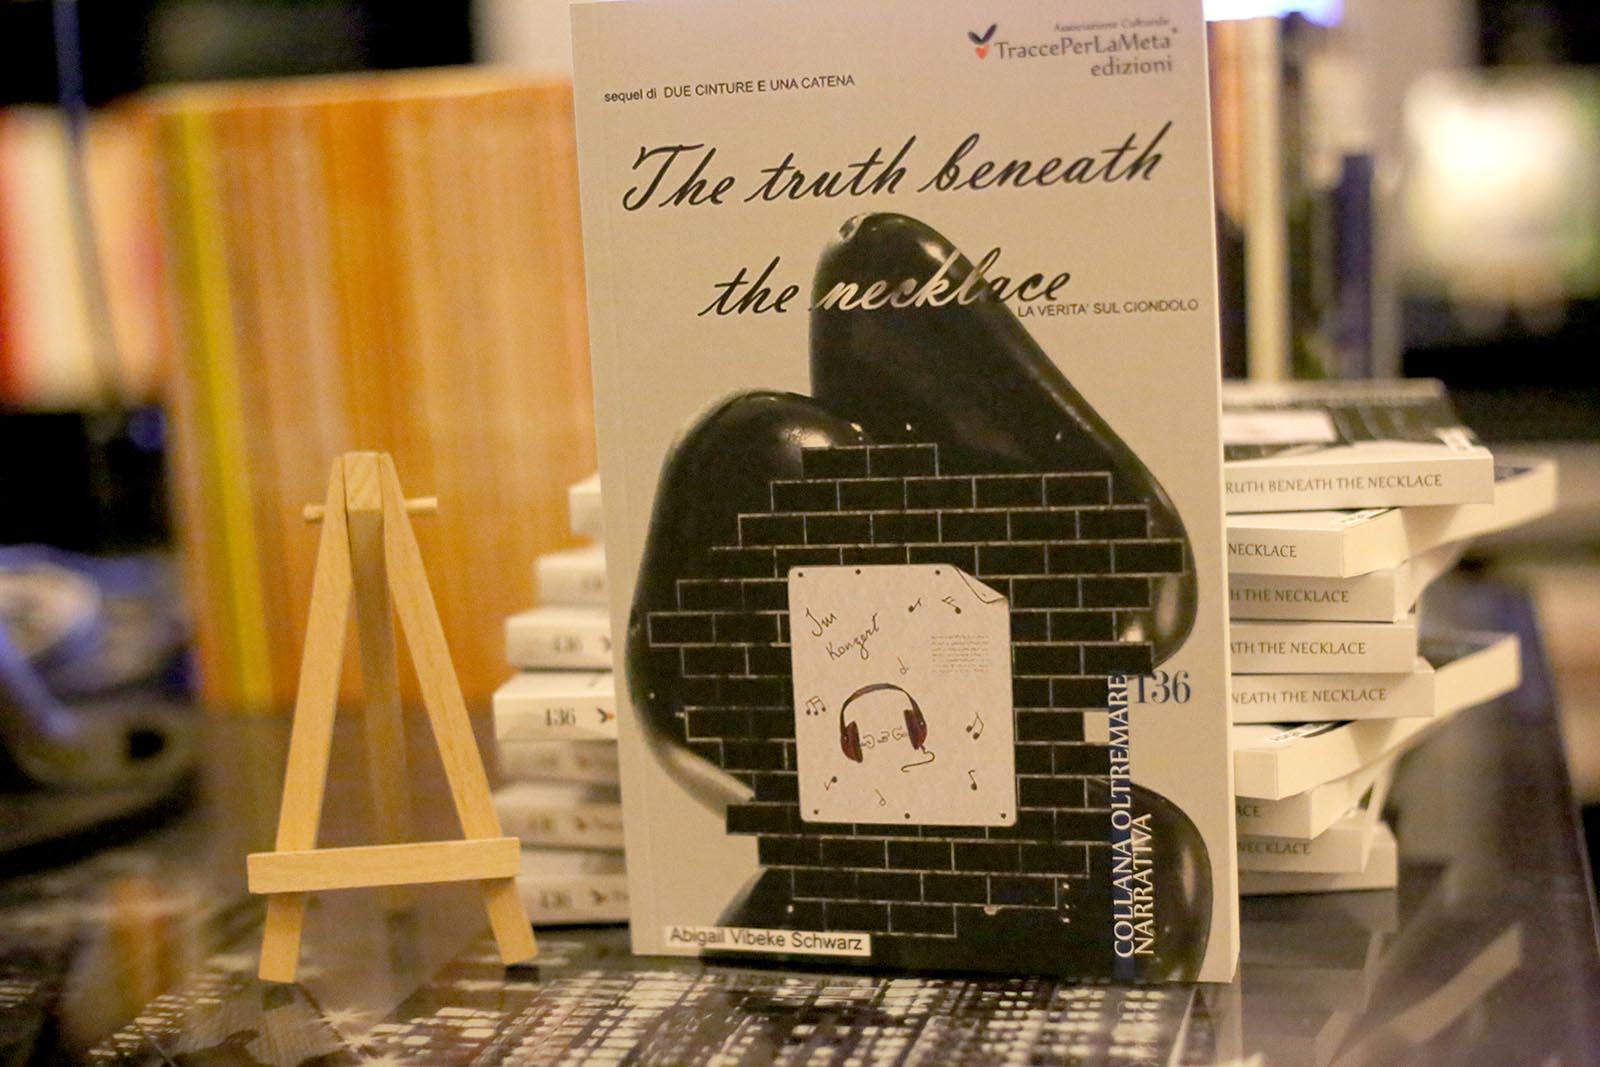 The Truth Beneath the Necklace – La verità sul ciondolo di Abigail Vibeke Schwartz